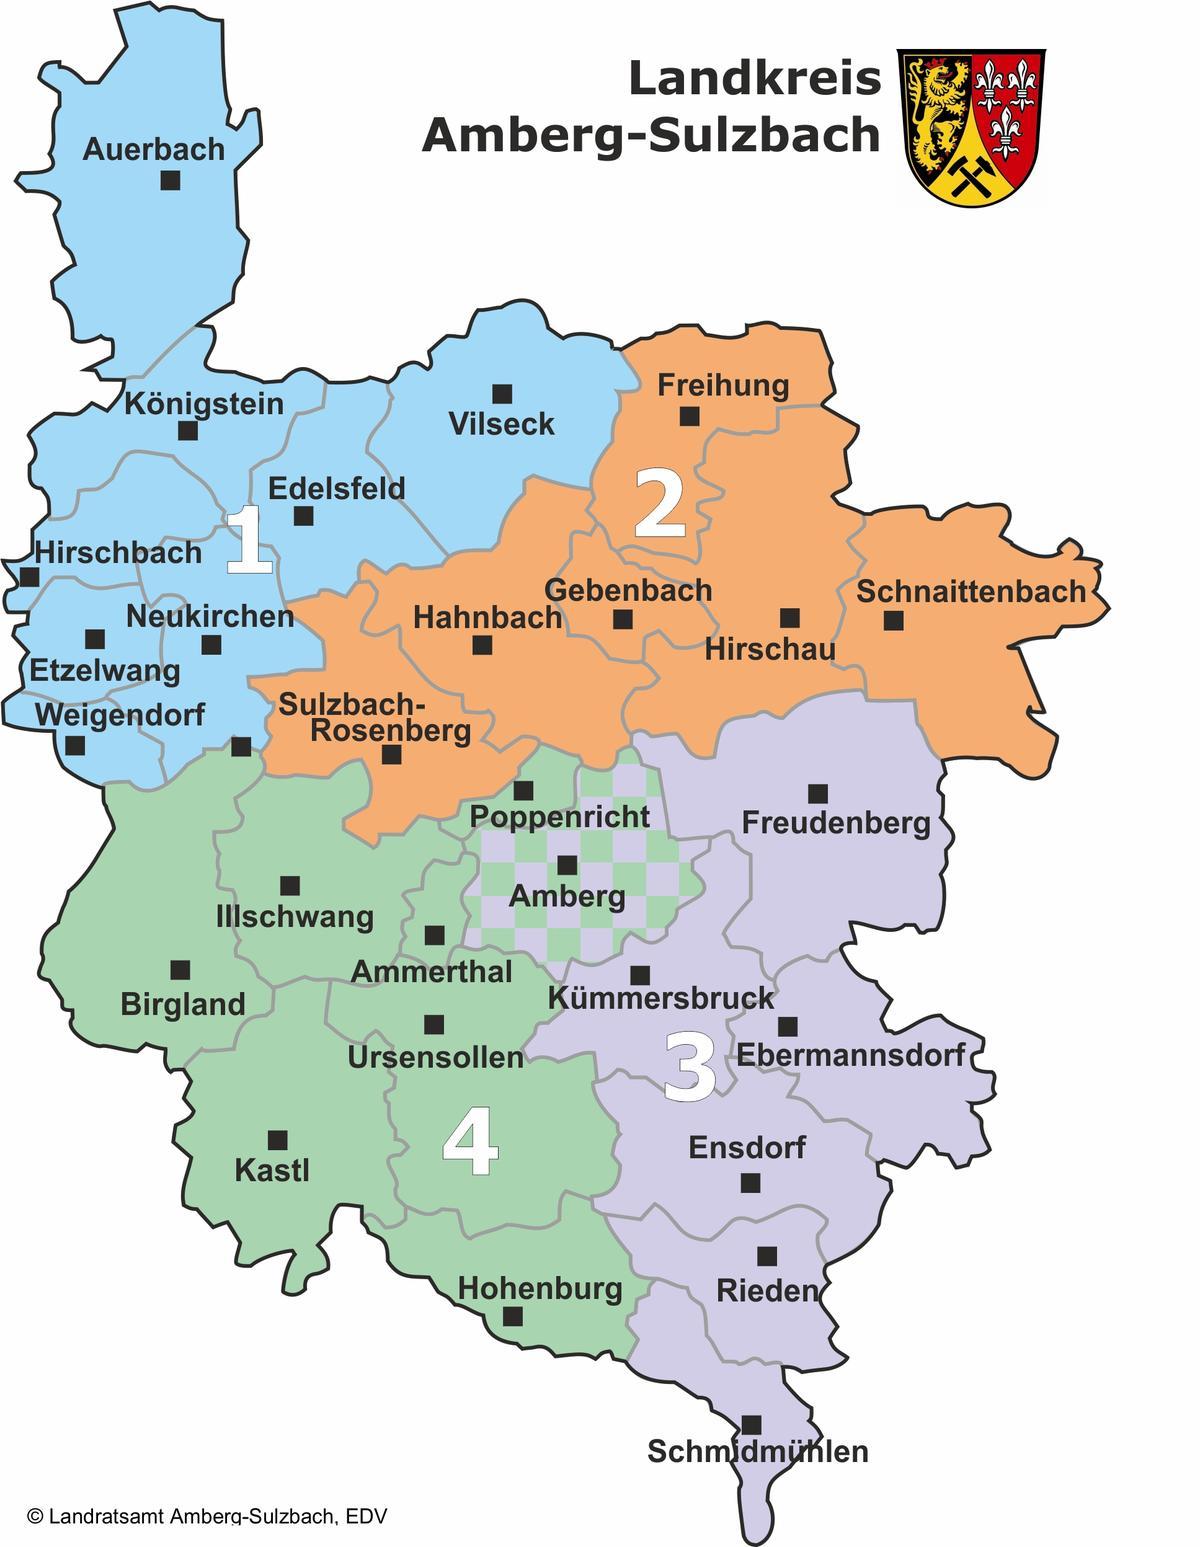 Kontrollgebiete der Veterinäre im Landkreis Amberg-Sulzbach und in der Stadt Amberg